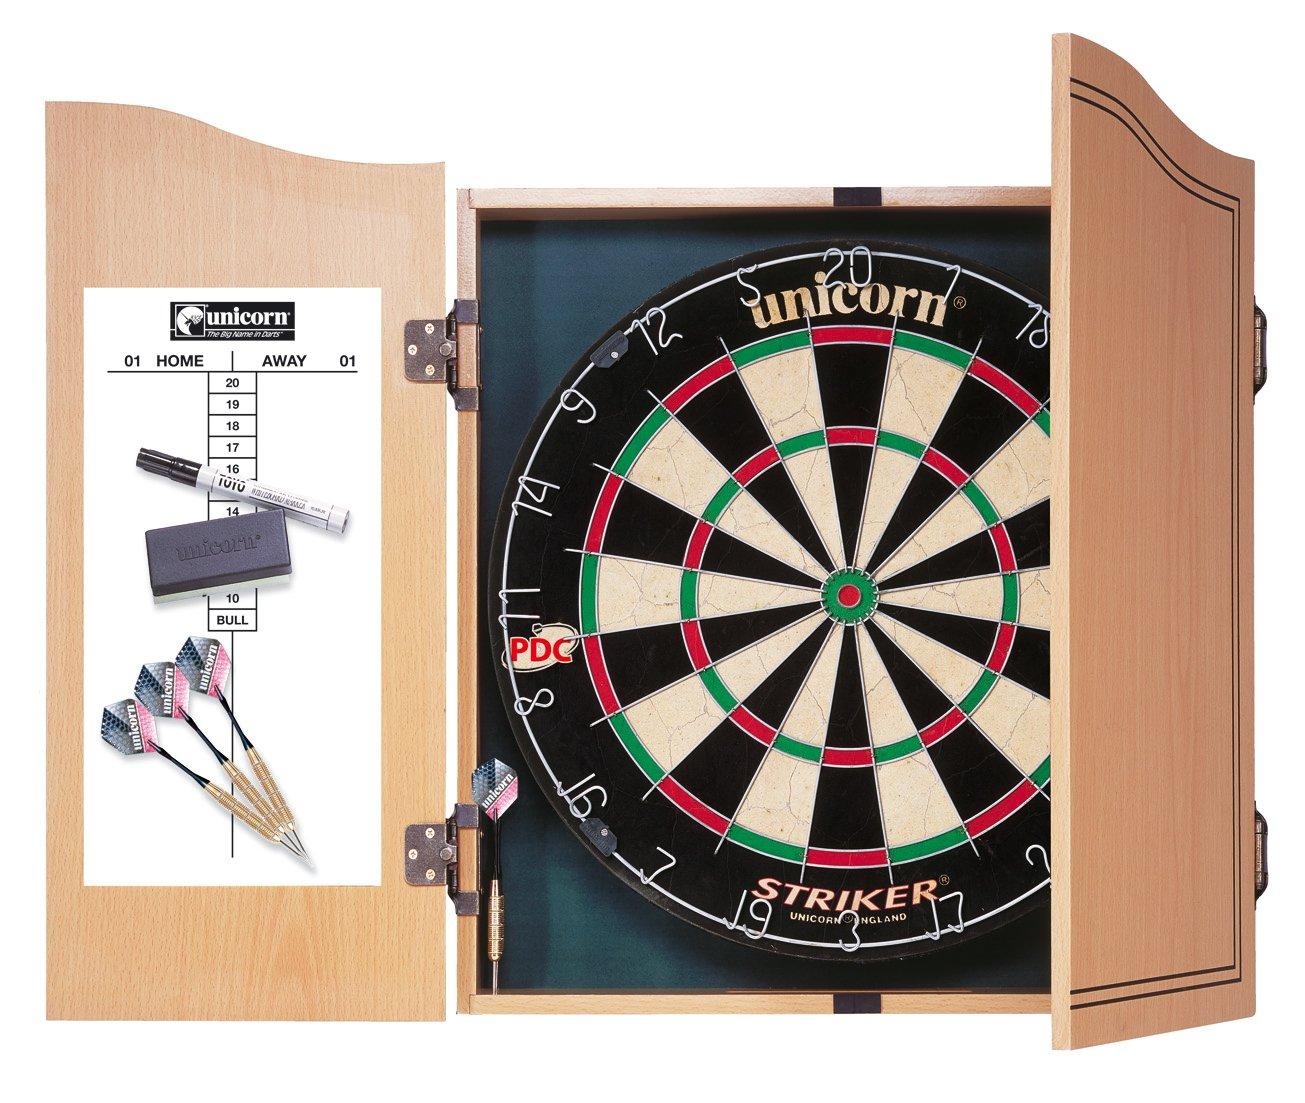 Unicorn Striker Home - Diana con marcador y dardos negro, blanco, azul, rojo y marrón Talla:talla única Unicorn Dartboard 46136